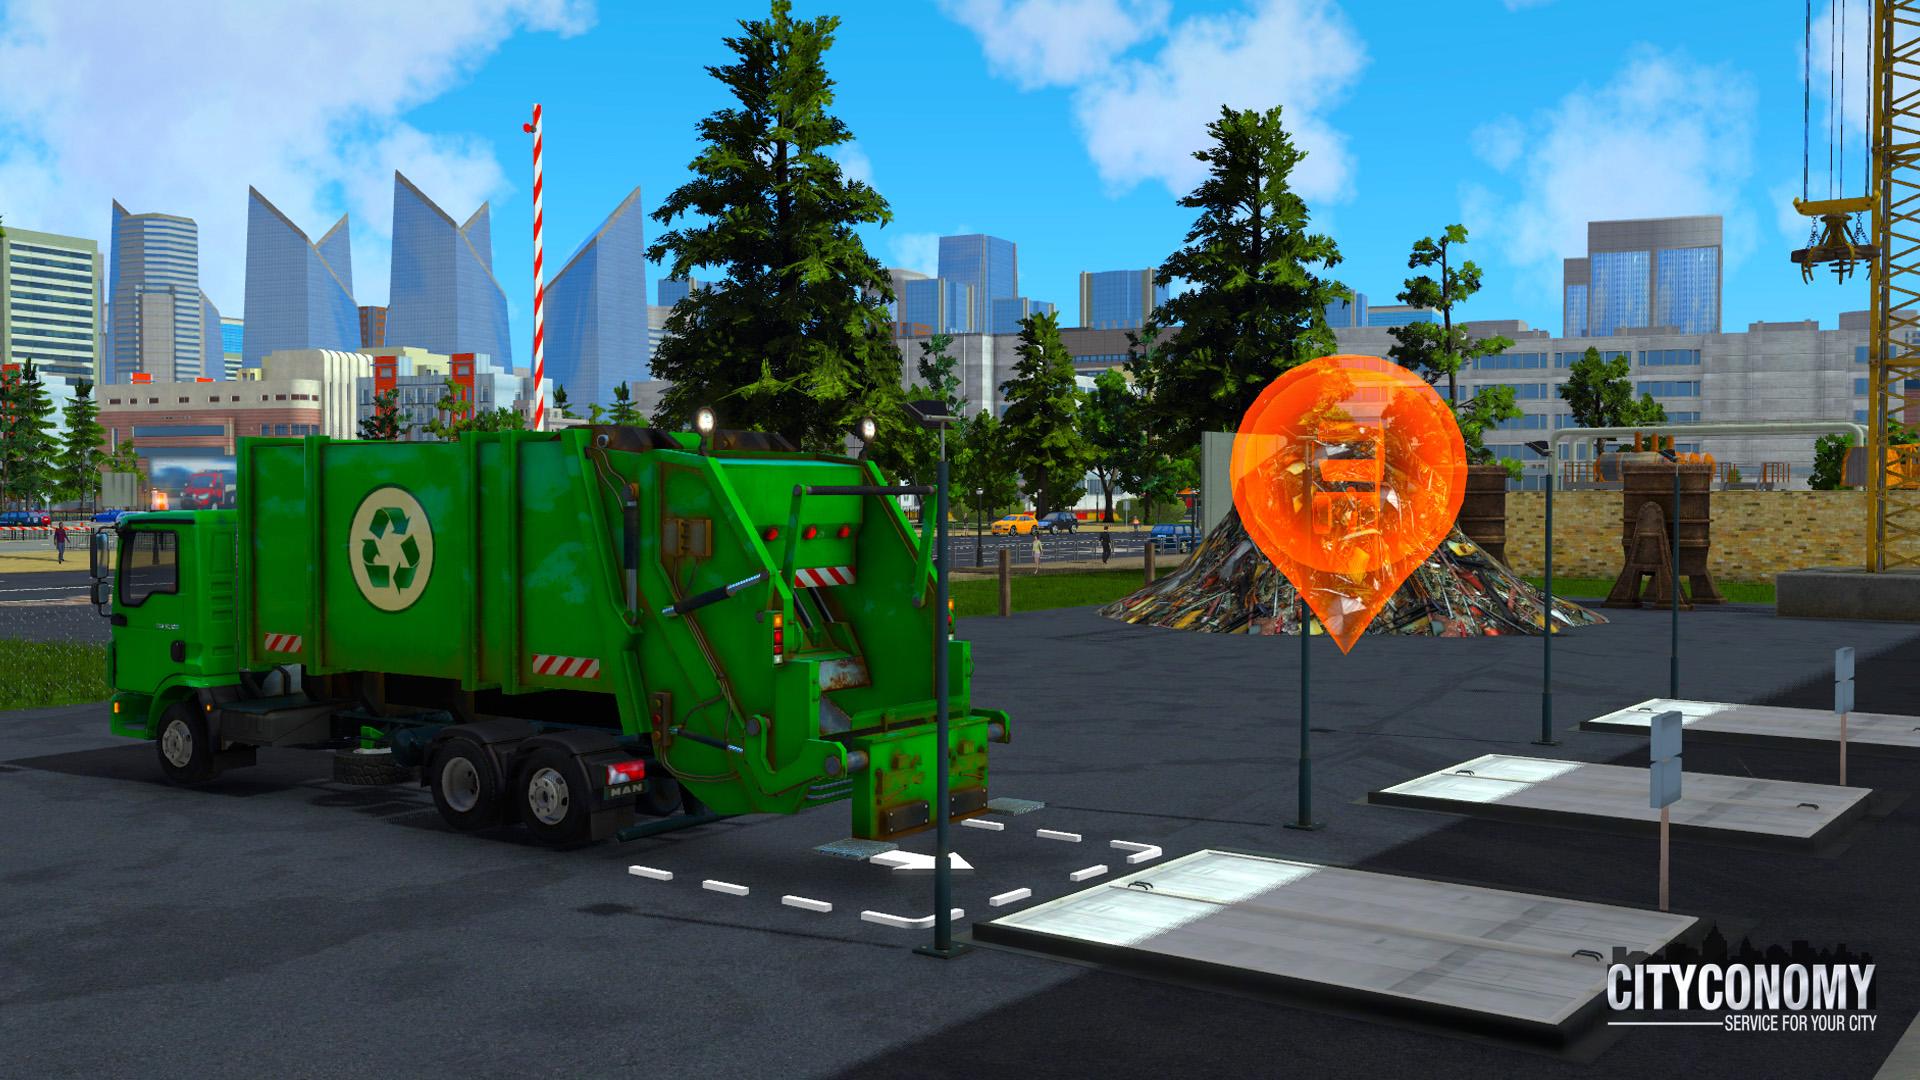 V simulátoru Cityconomy se budete starat o veřejné služby města 116073